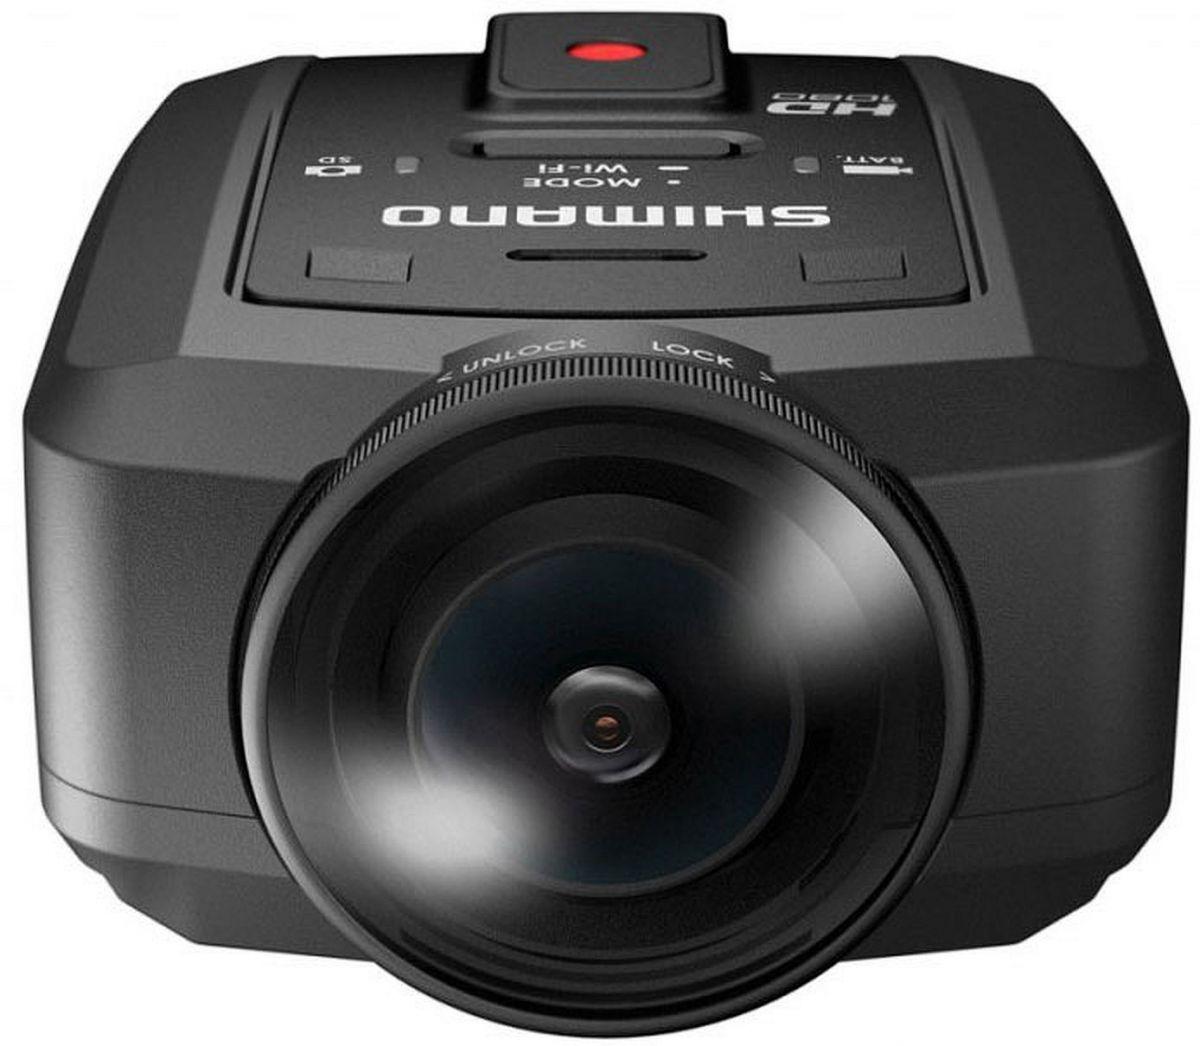 Shimano CM-1000: насадка на объектив для использования под водой входит в комплект поставки